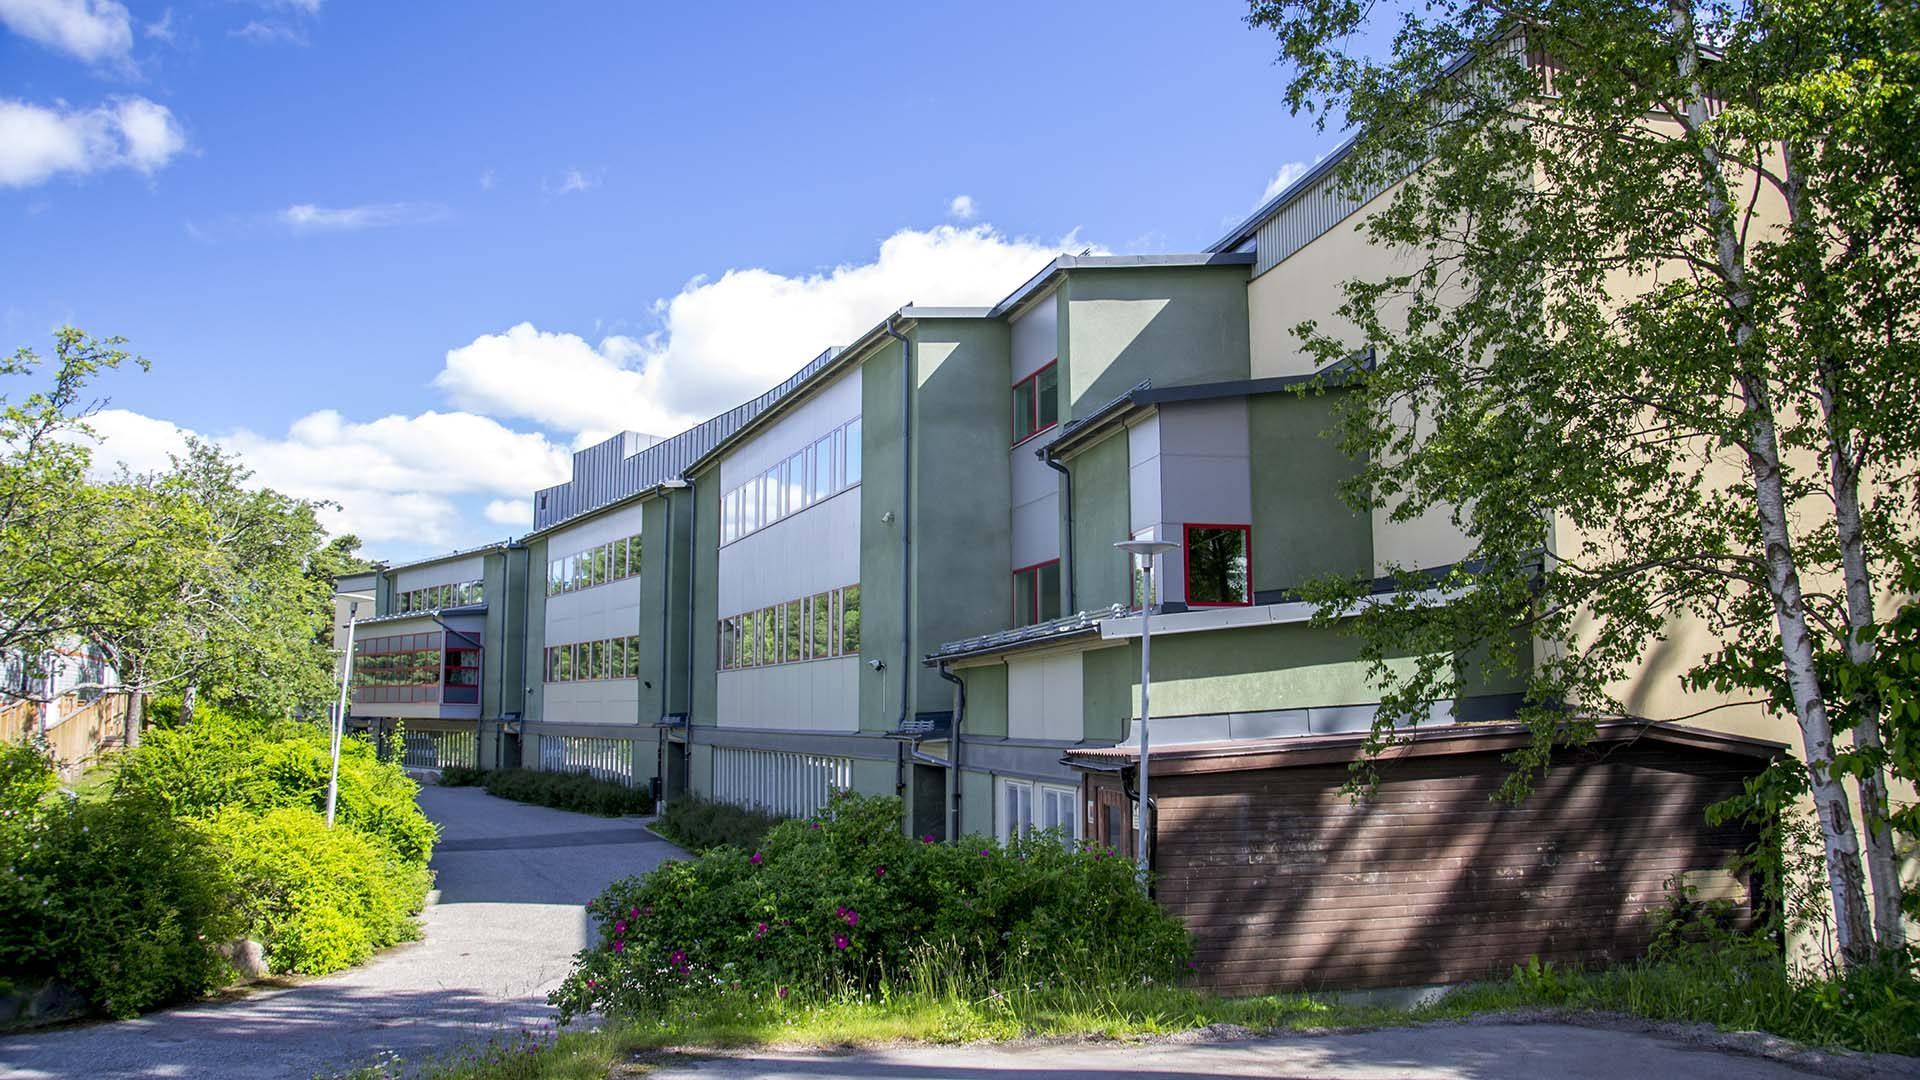 Stiglundsskolan från utsidan